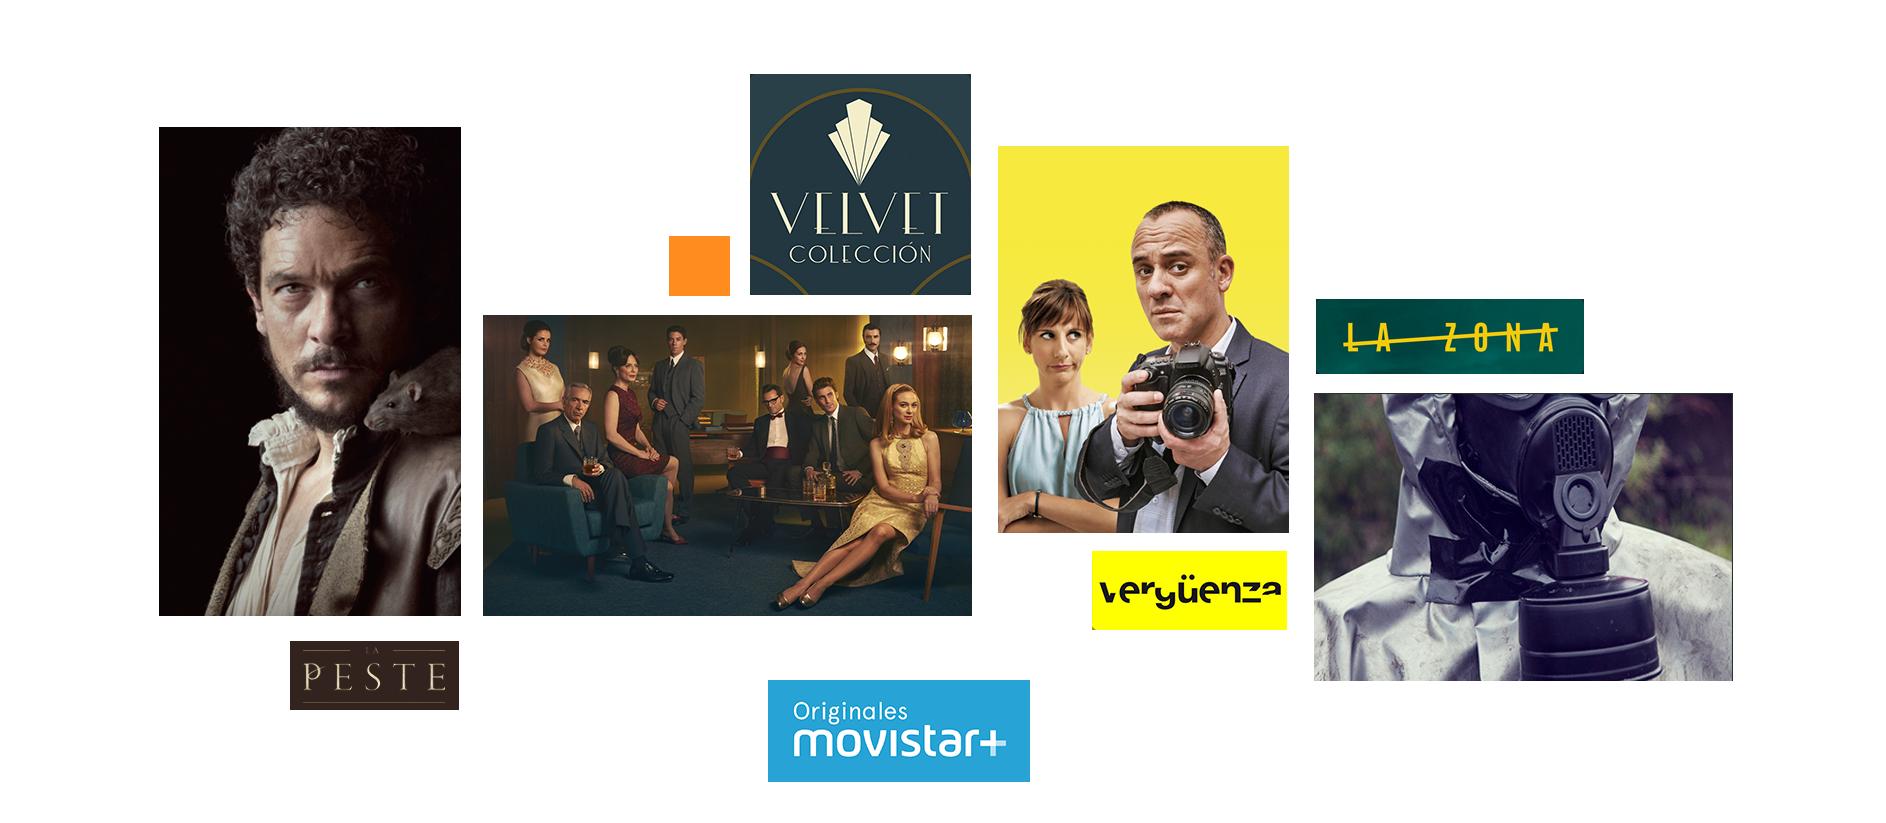 Originales Movistar+ presenta sus series La Peste, Velvet Colección, Vergüenza y La Zona